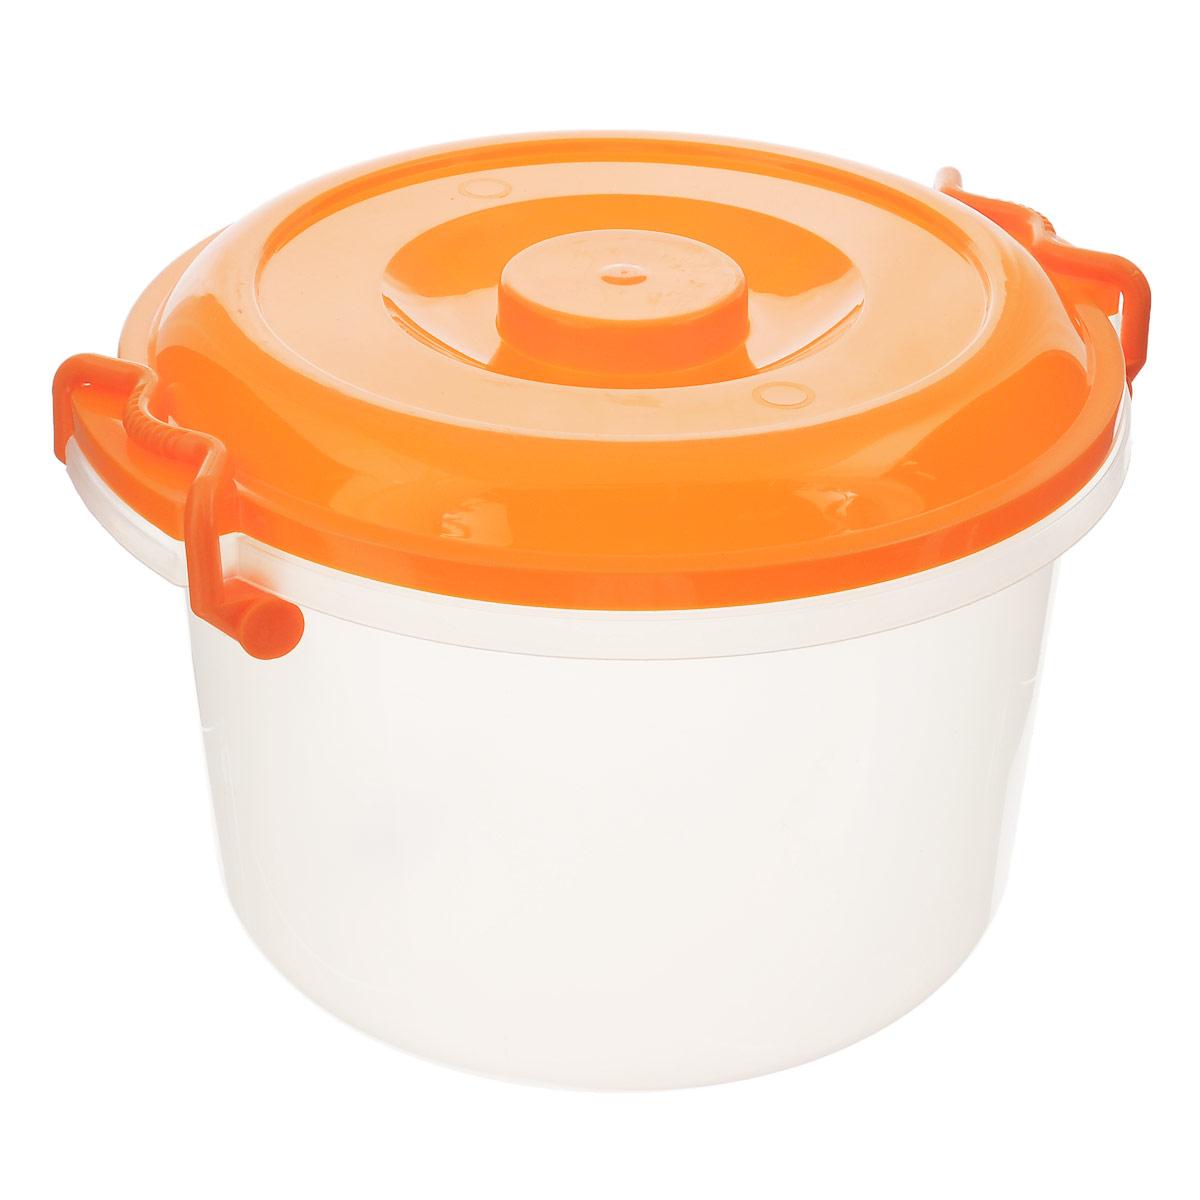 Контейнер Альтернатива, цвет: оранжевый, 7 лМ147Контейнер Альтернатива выполнен из прочного пластика, предназначен для хранения различных мелких вещей. Прозрачные стенки позволяют видеть содержимое. Контейнер плотно закрывается крышкой с двумя защелками. В таком контейнере ваши вещи будут защищены от пыли, грязи и влаги. Объем: 7 л. Внутренний диаметр контейнера: 25 см. Ширина контейнера с учетом ручек: 30 см. Высота контейнера: 19,5 см.